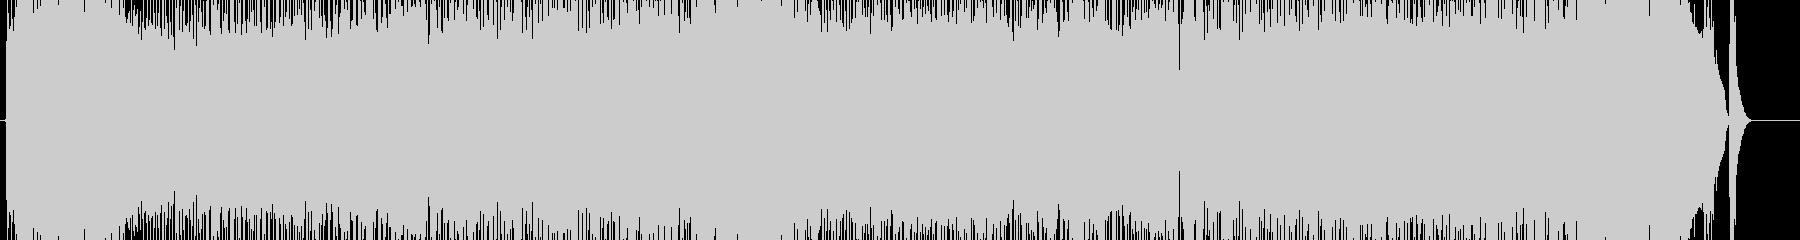 ピアノ旋律の軽快なJ-Rockの未再生の波形